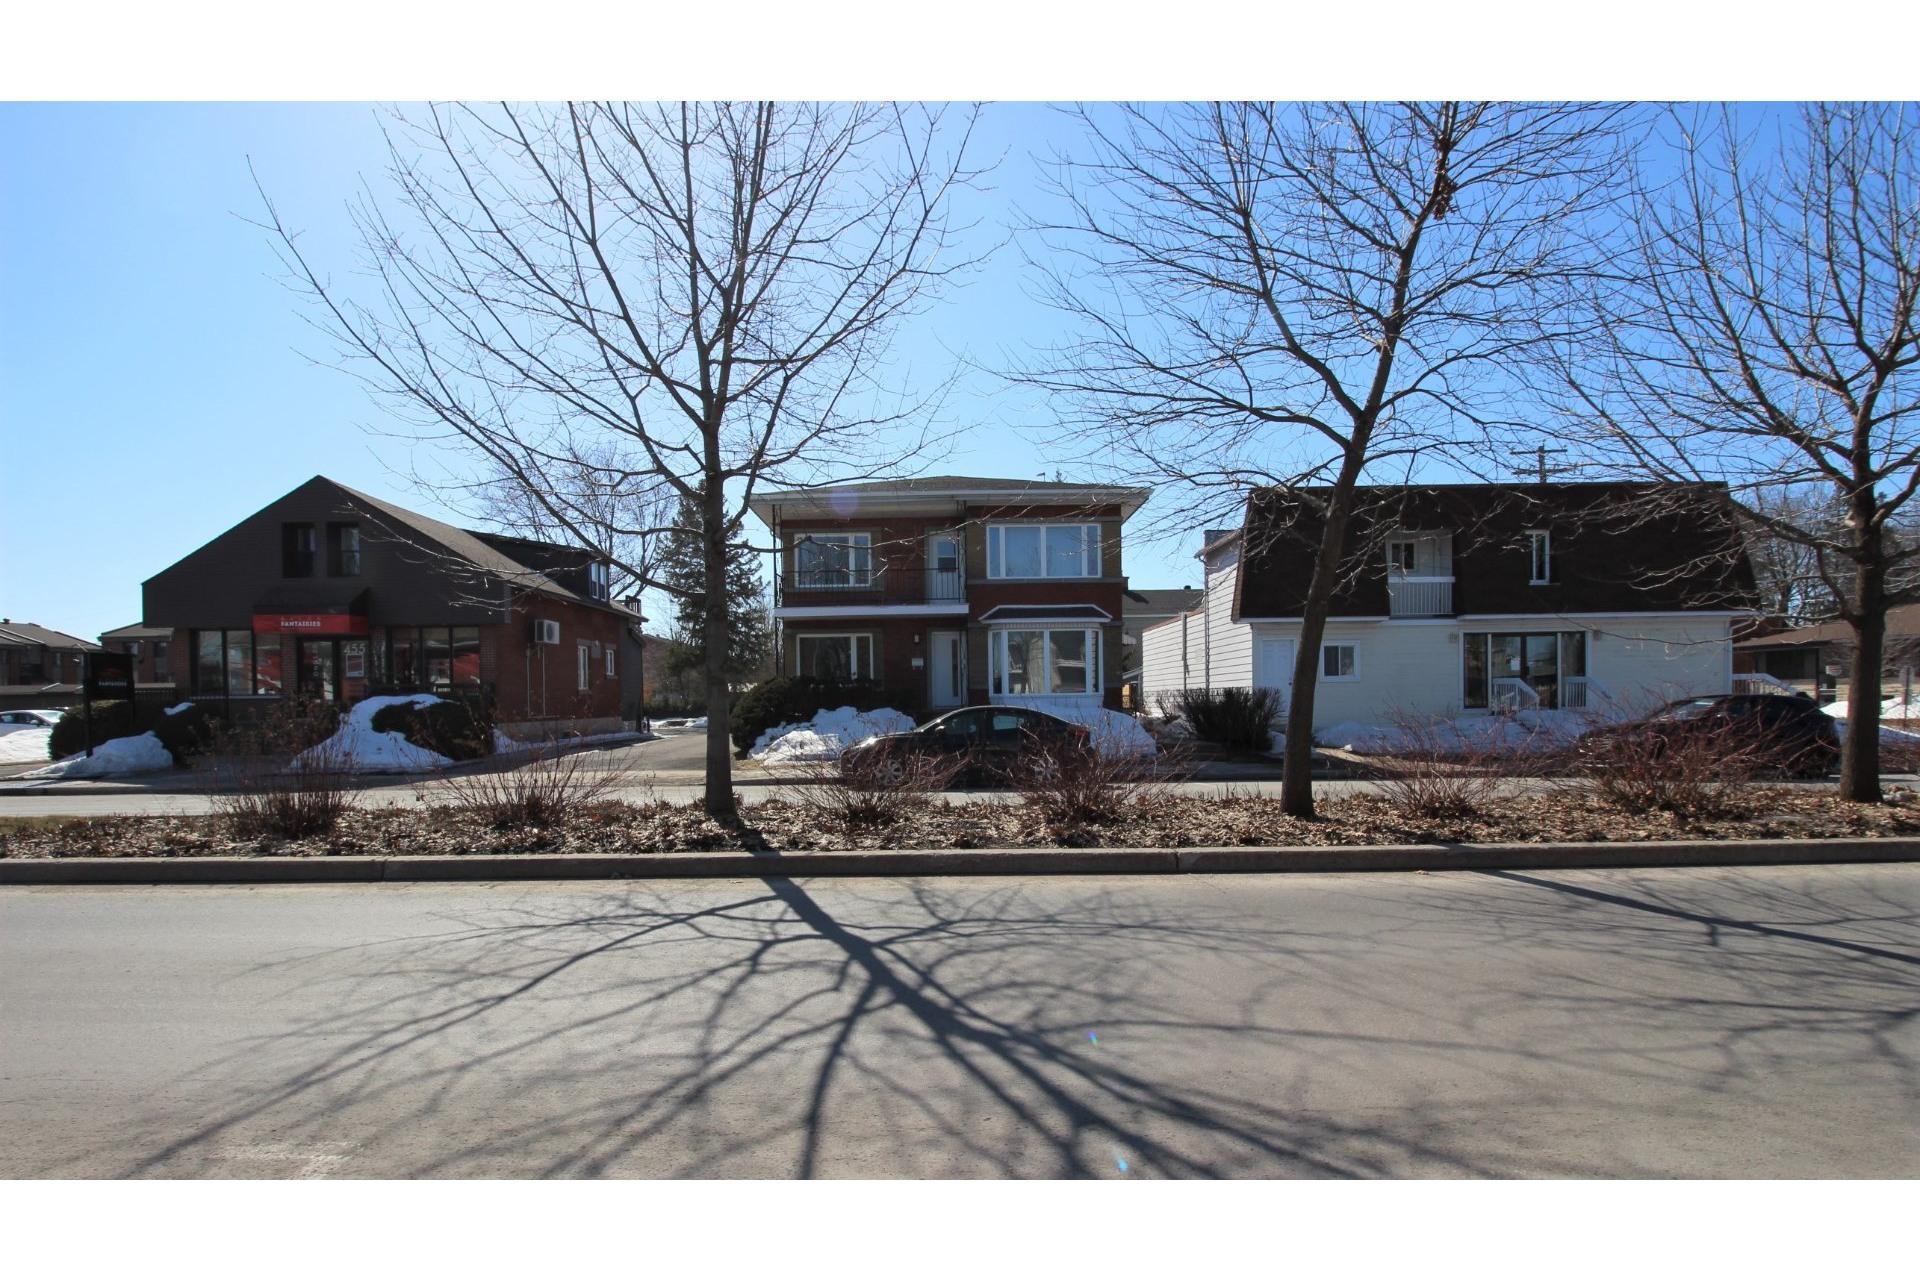 image 36 - Duplex For sale Joliette - 5 rooms